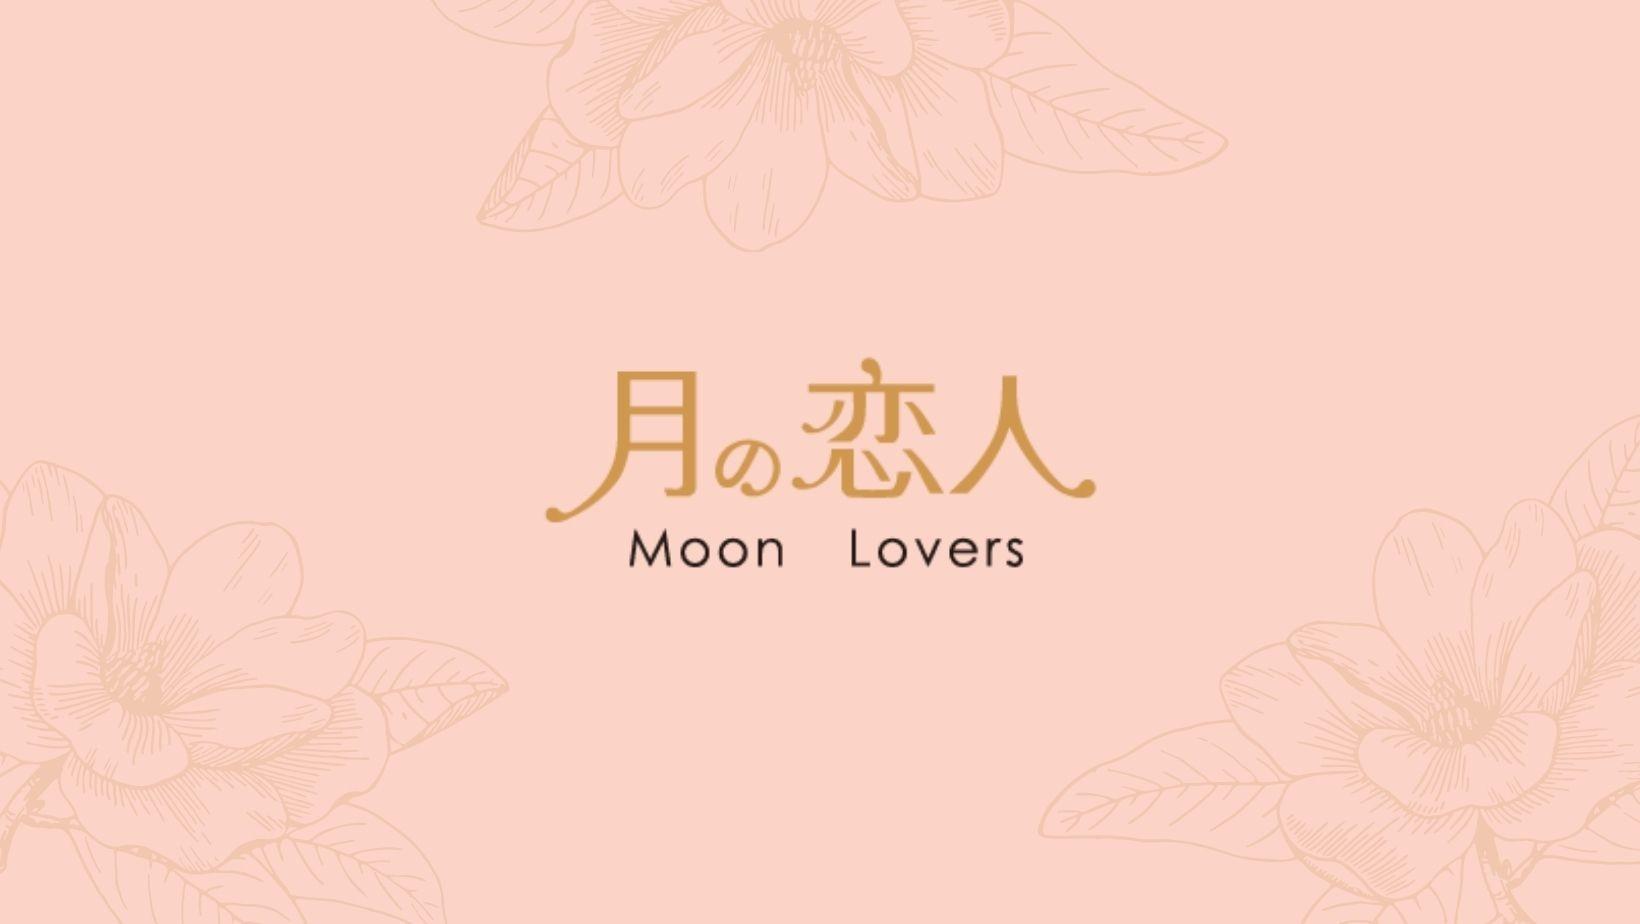 【聯名優惠】月之戀人-幸福感囍餅